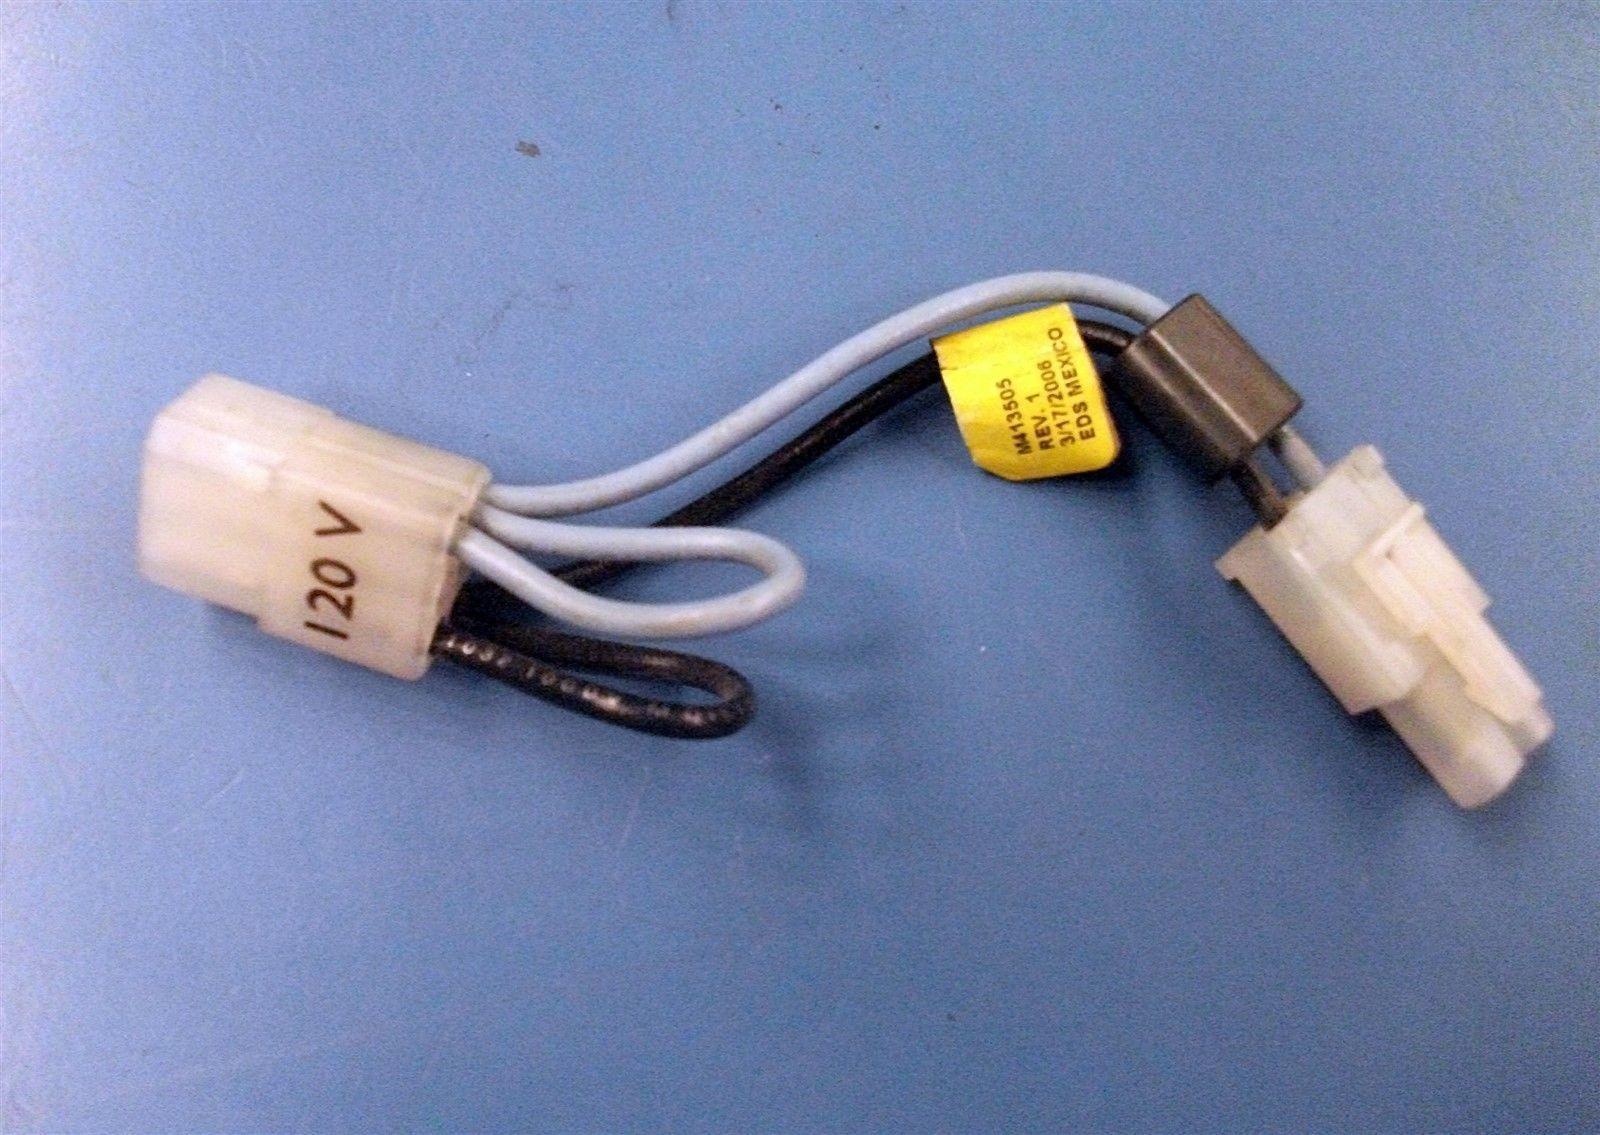 Cissell Huebsch Ipso Unimac Speed Queen washer/dryer Wire Jumper p/n M413505